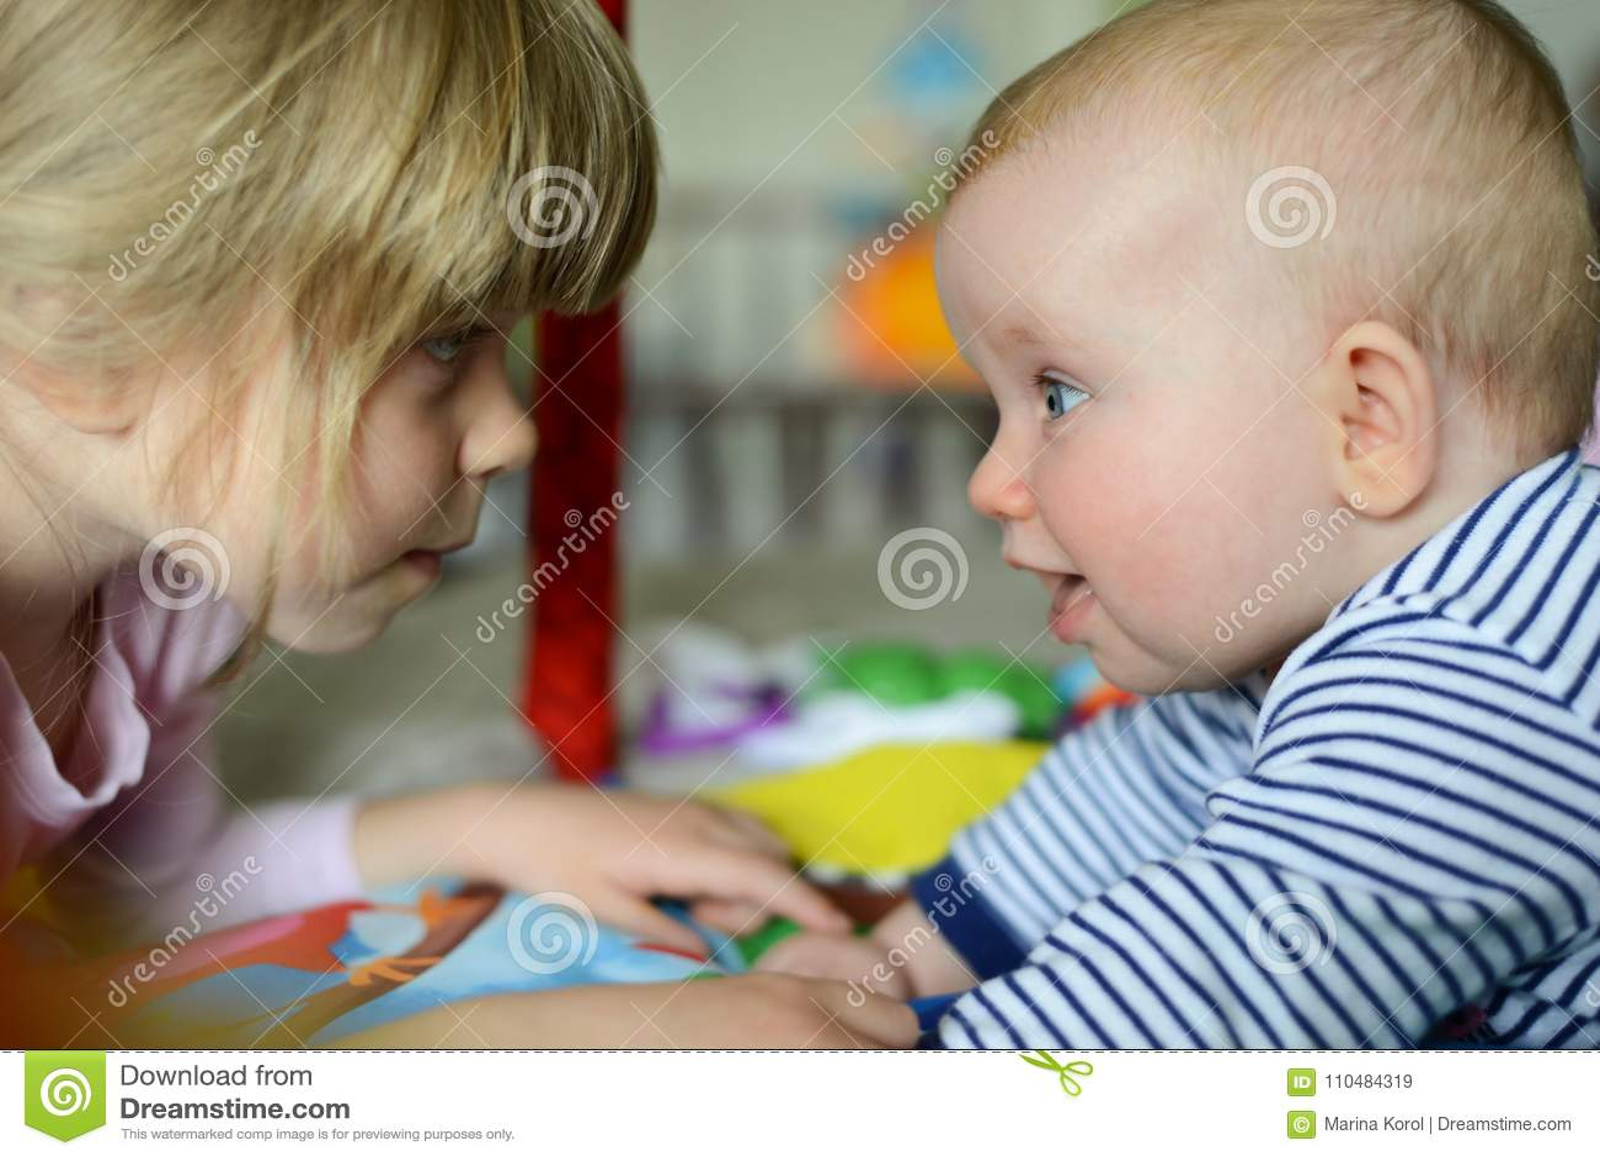 Взгляд 2 маленький прелестный кавказский сестер на одине другого Они счастлив и усмехаться